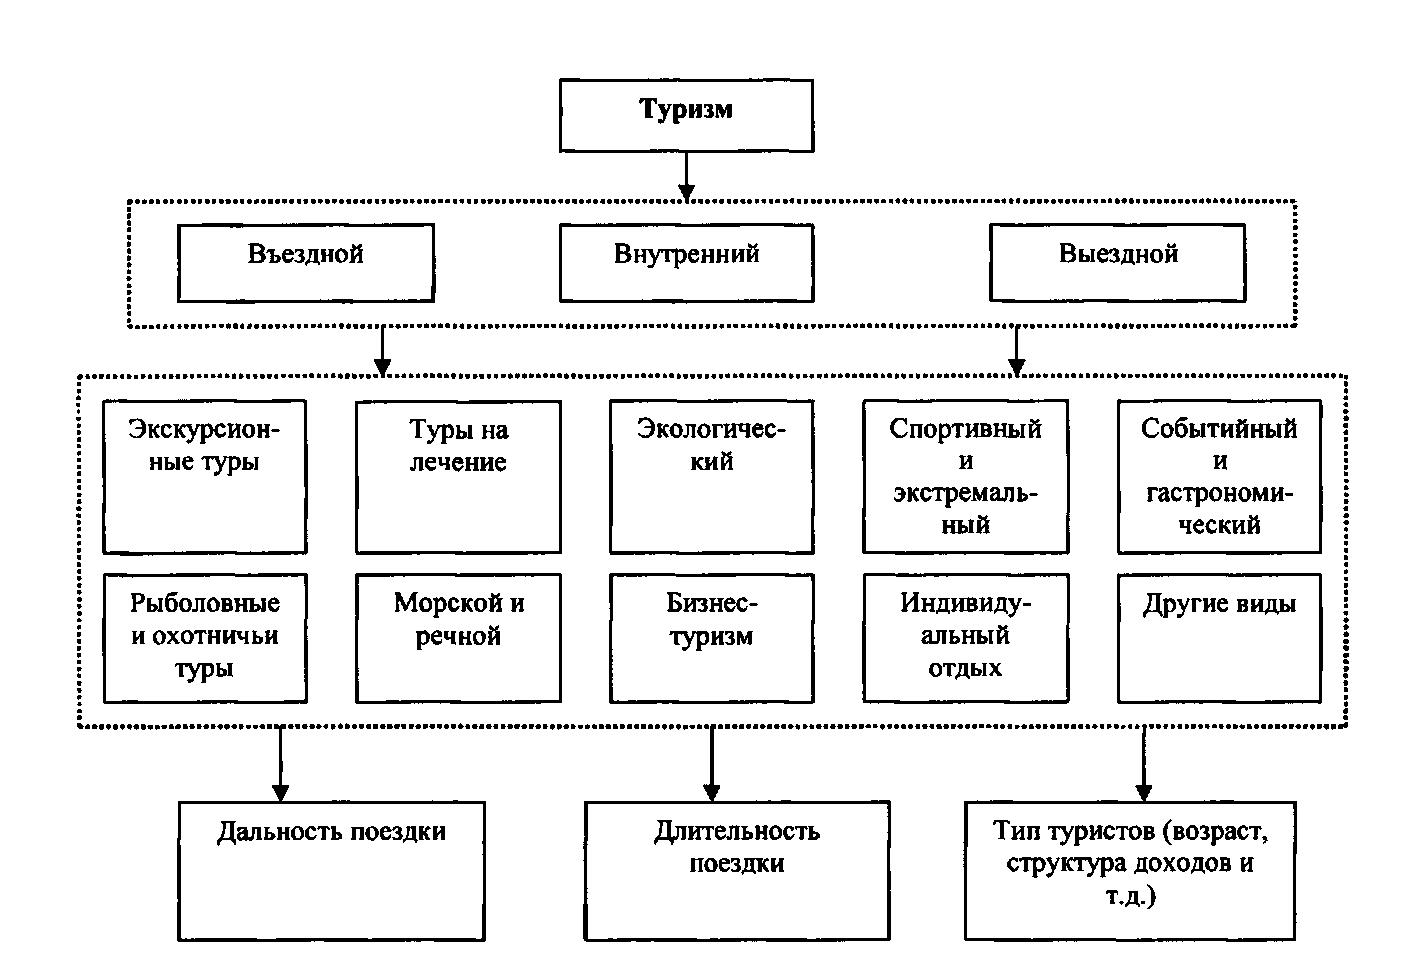 Схема сотрудничества туроператора с поставщиками туристических услуг